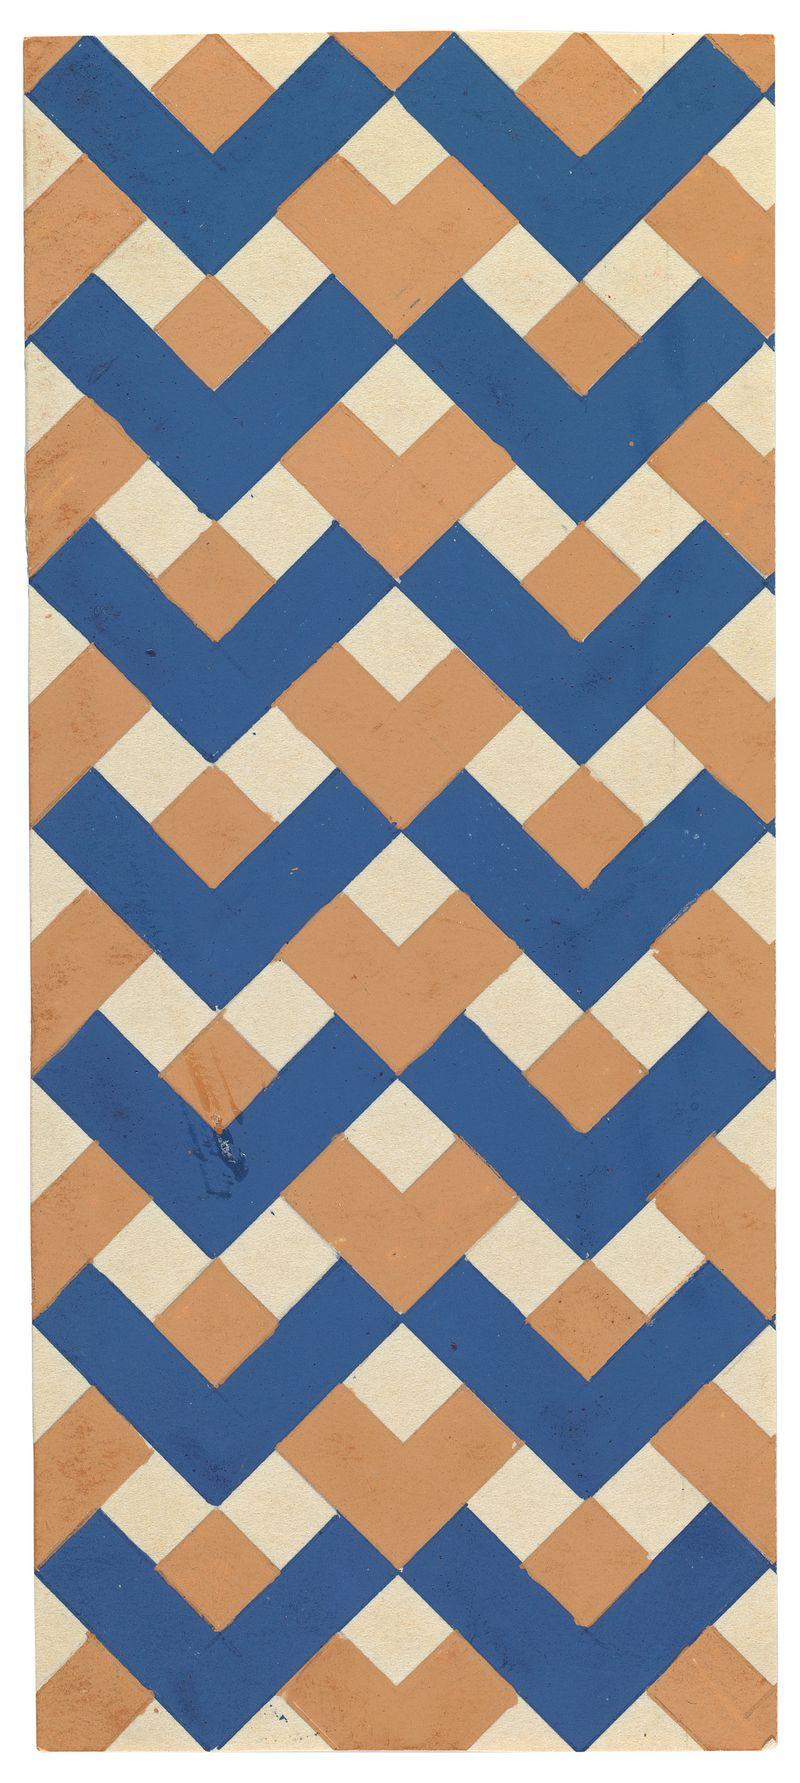 13 Stepanova, Textielontwerp, 1923-1924